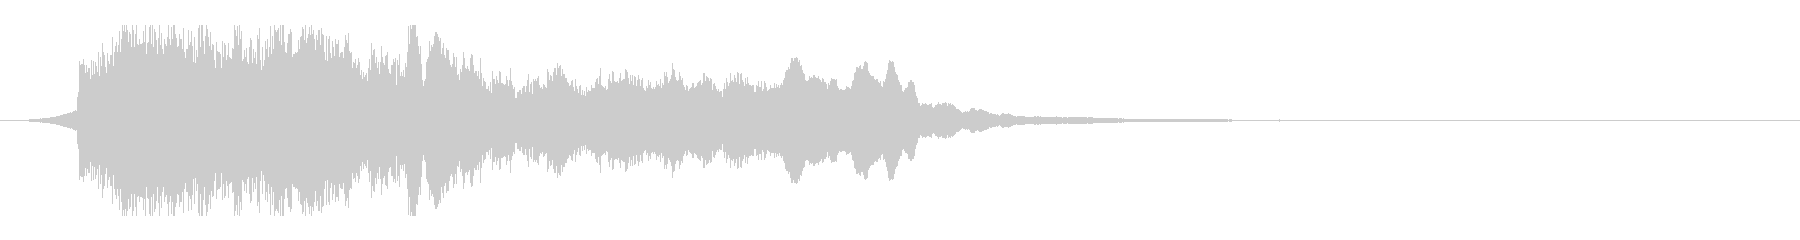 水面・水中をイメージしたサウンドロゴの未再生の波形